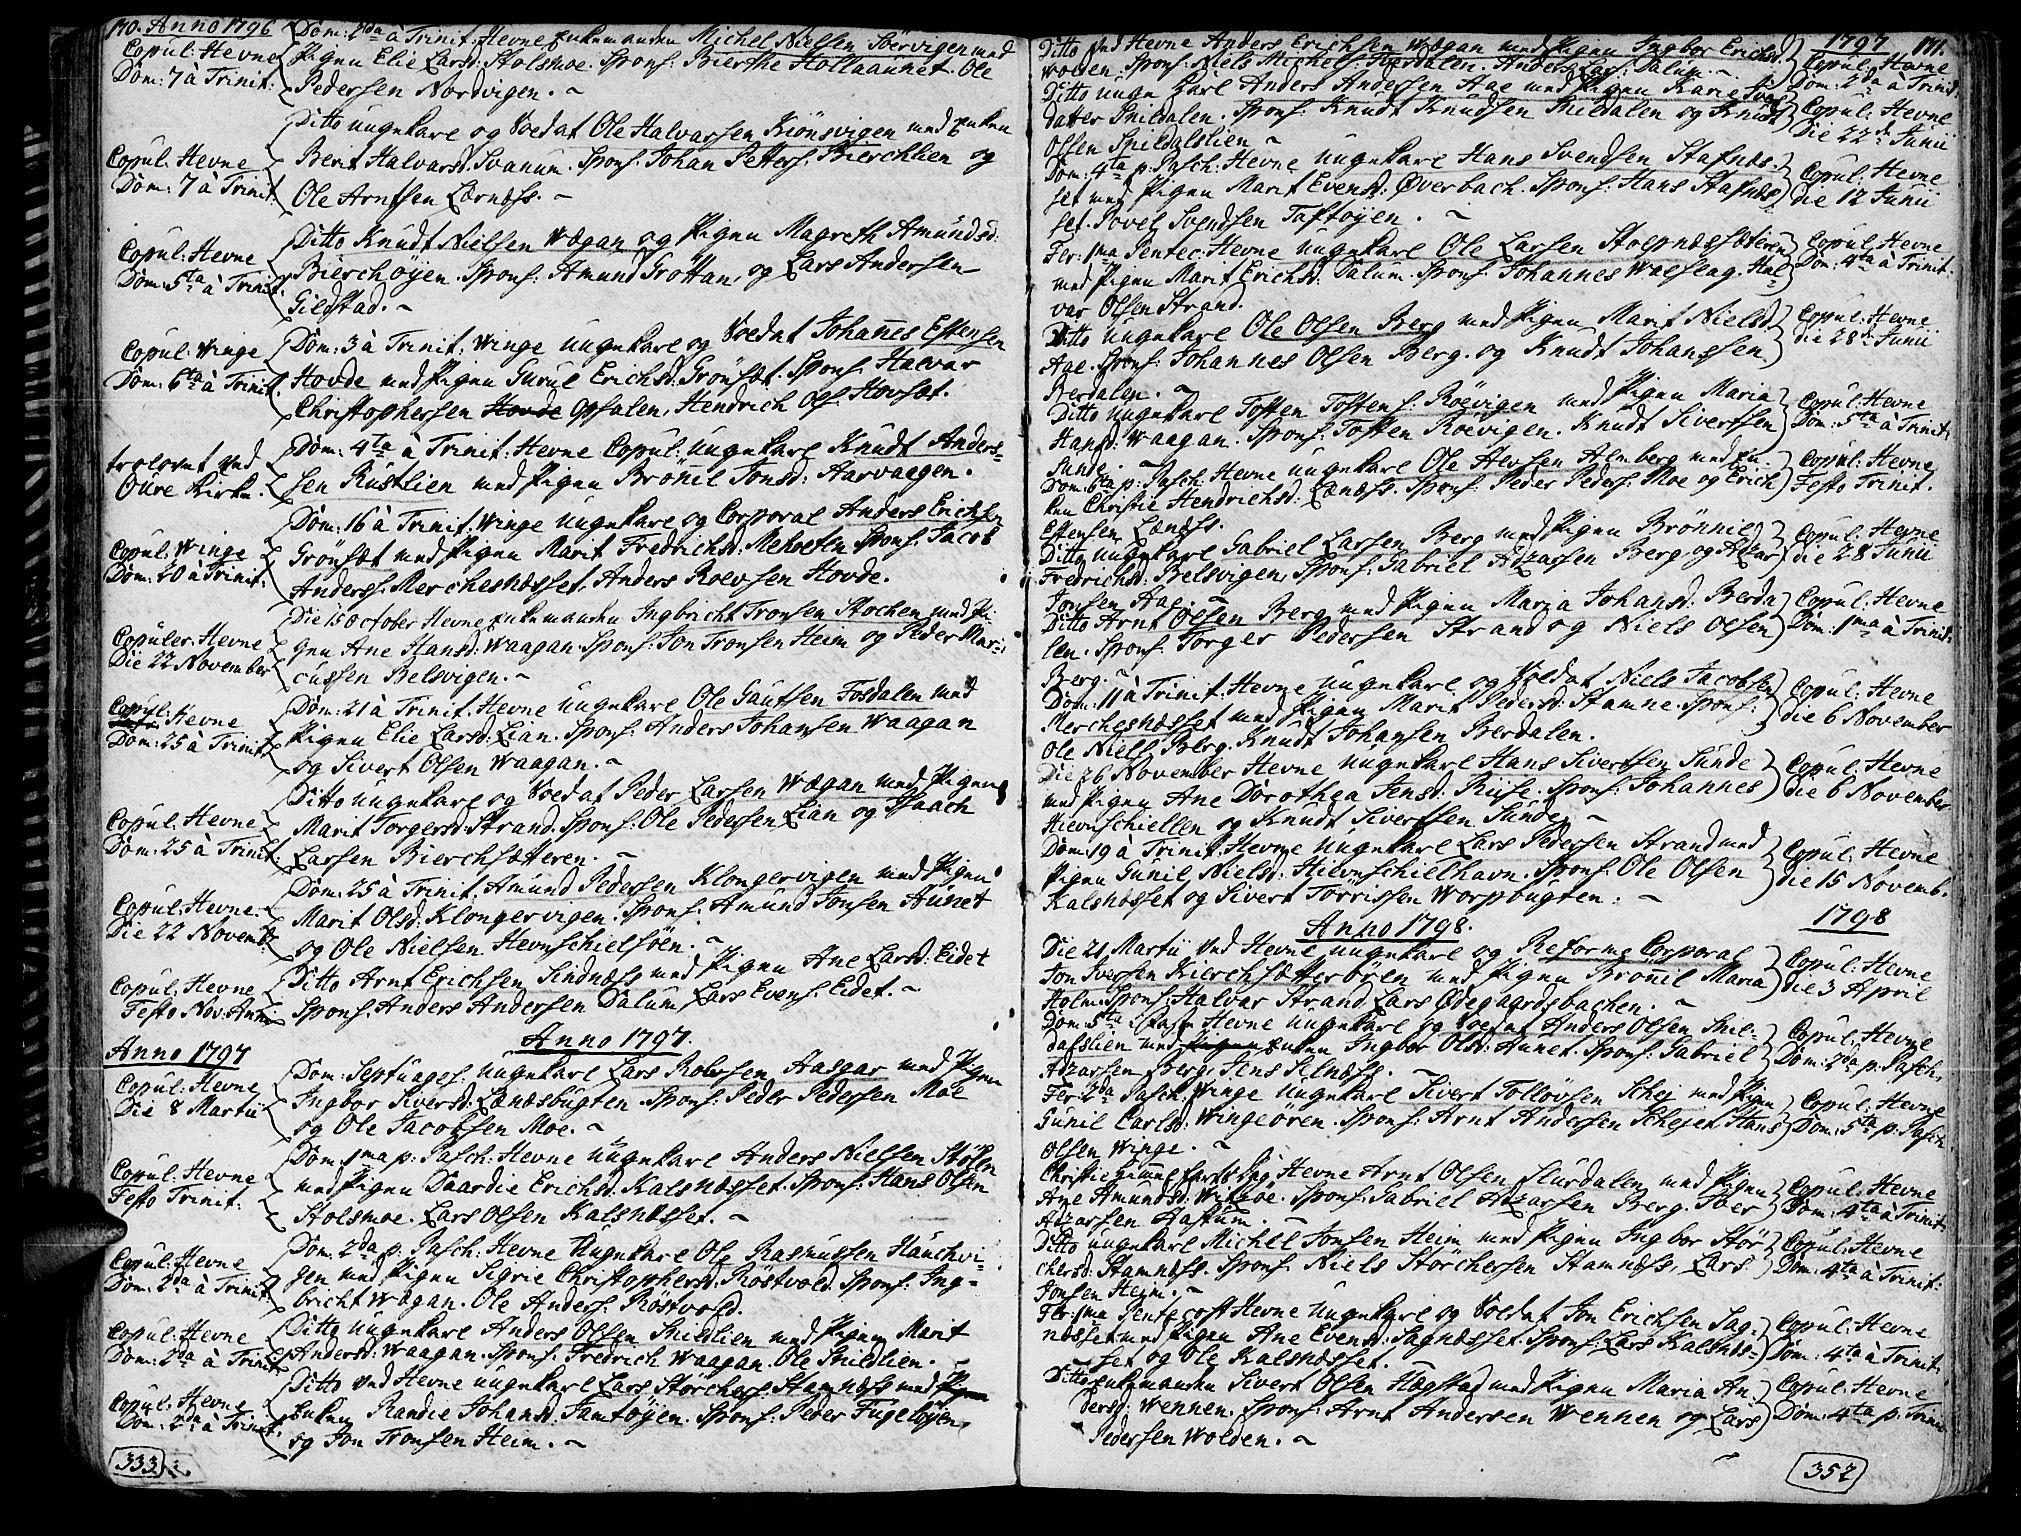 SAT, Ministerialprotokoller, klokkerbøker og fødselsregistre - Sør-Trøndelag, 630/L0490: Ministerialbok nr. 630A03, 1795-1818, s. 170-171